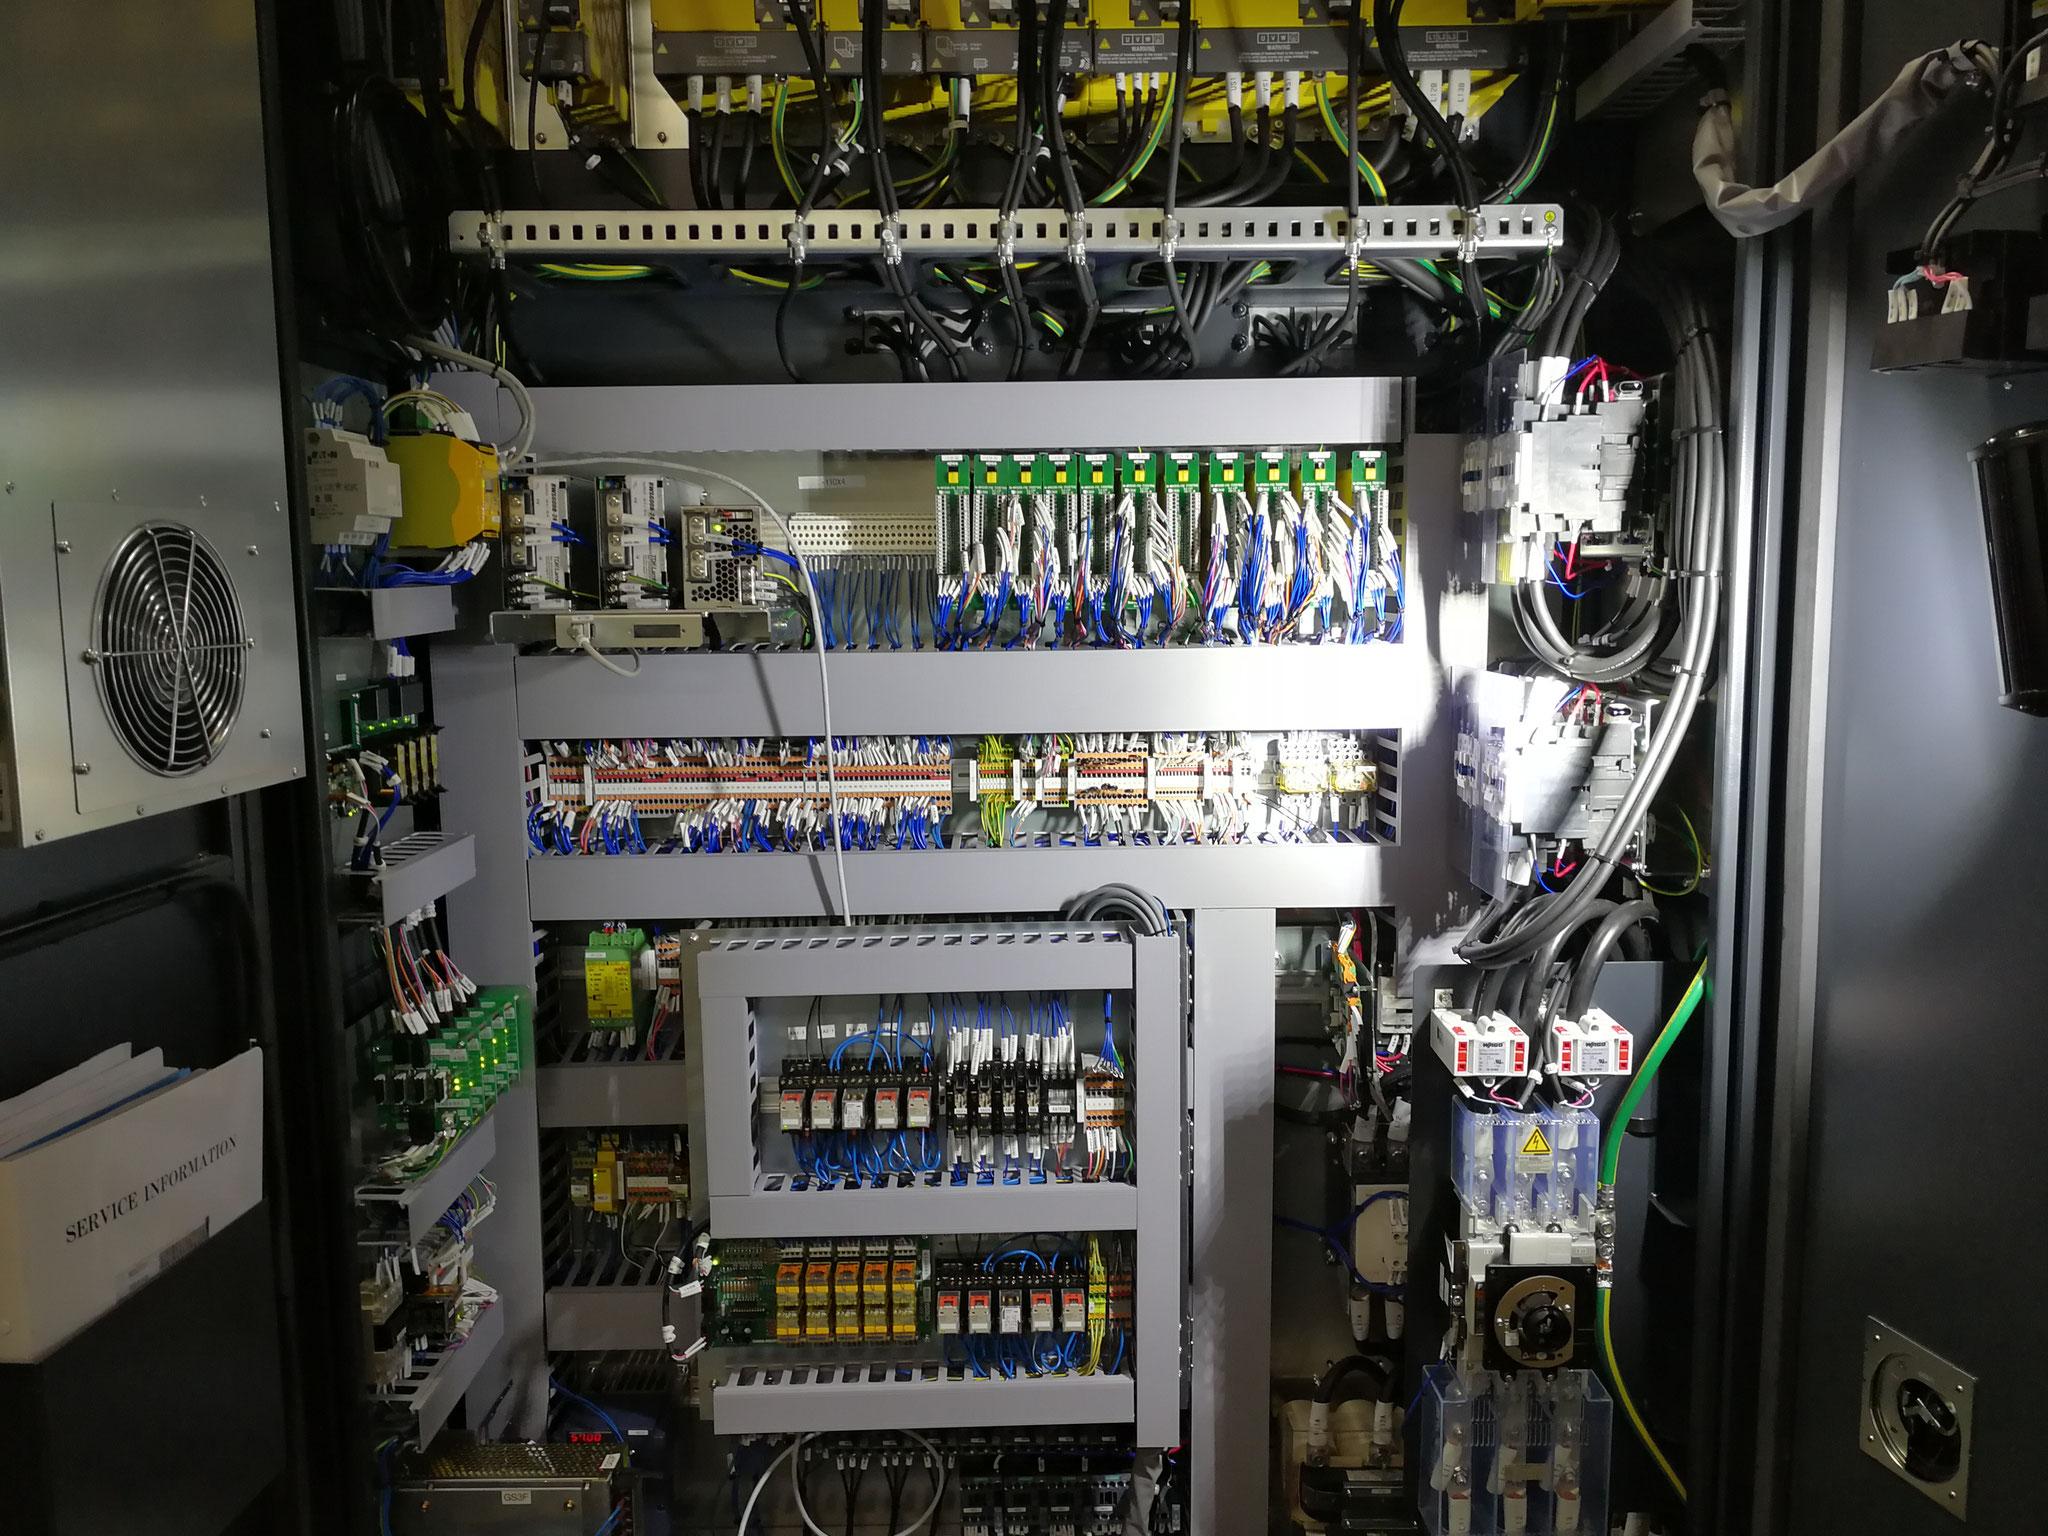 Elektrische Schnittstelle für Handling und Automationssysteme